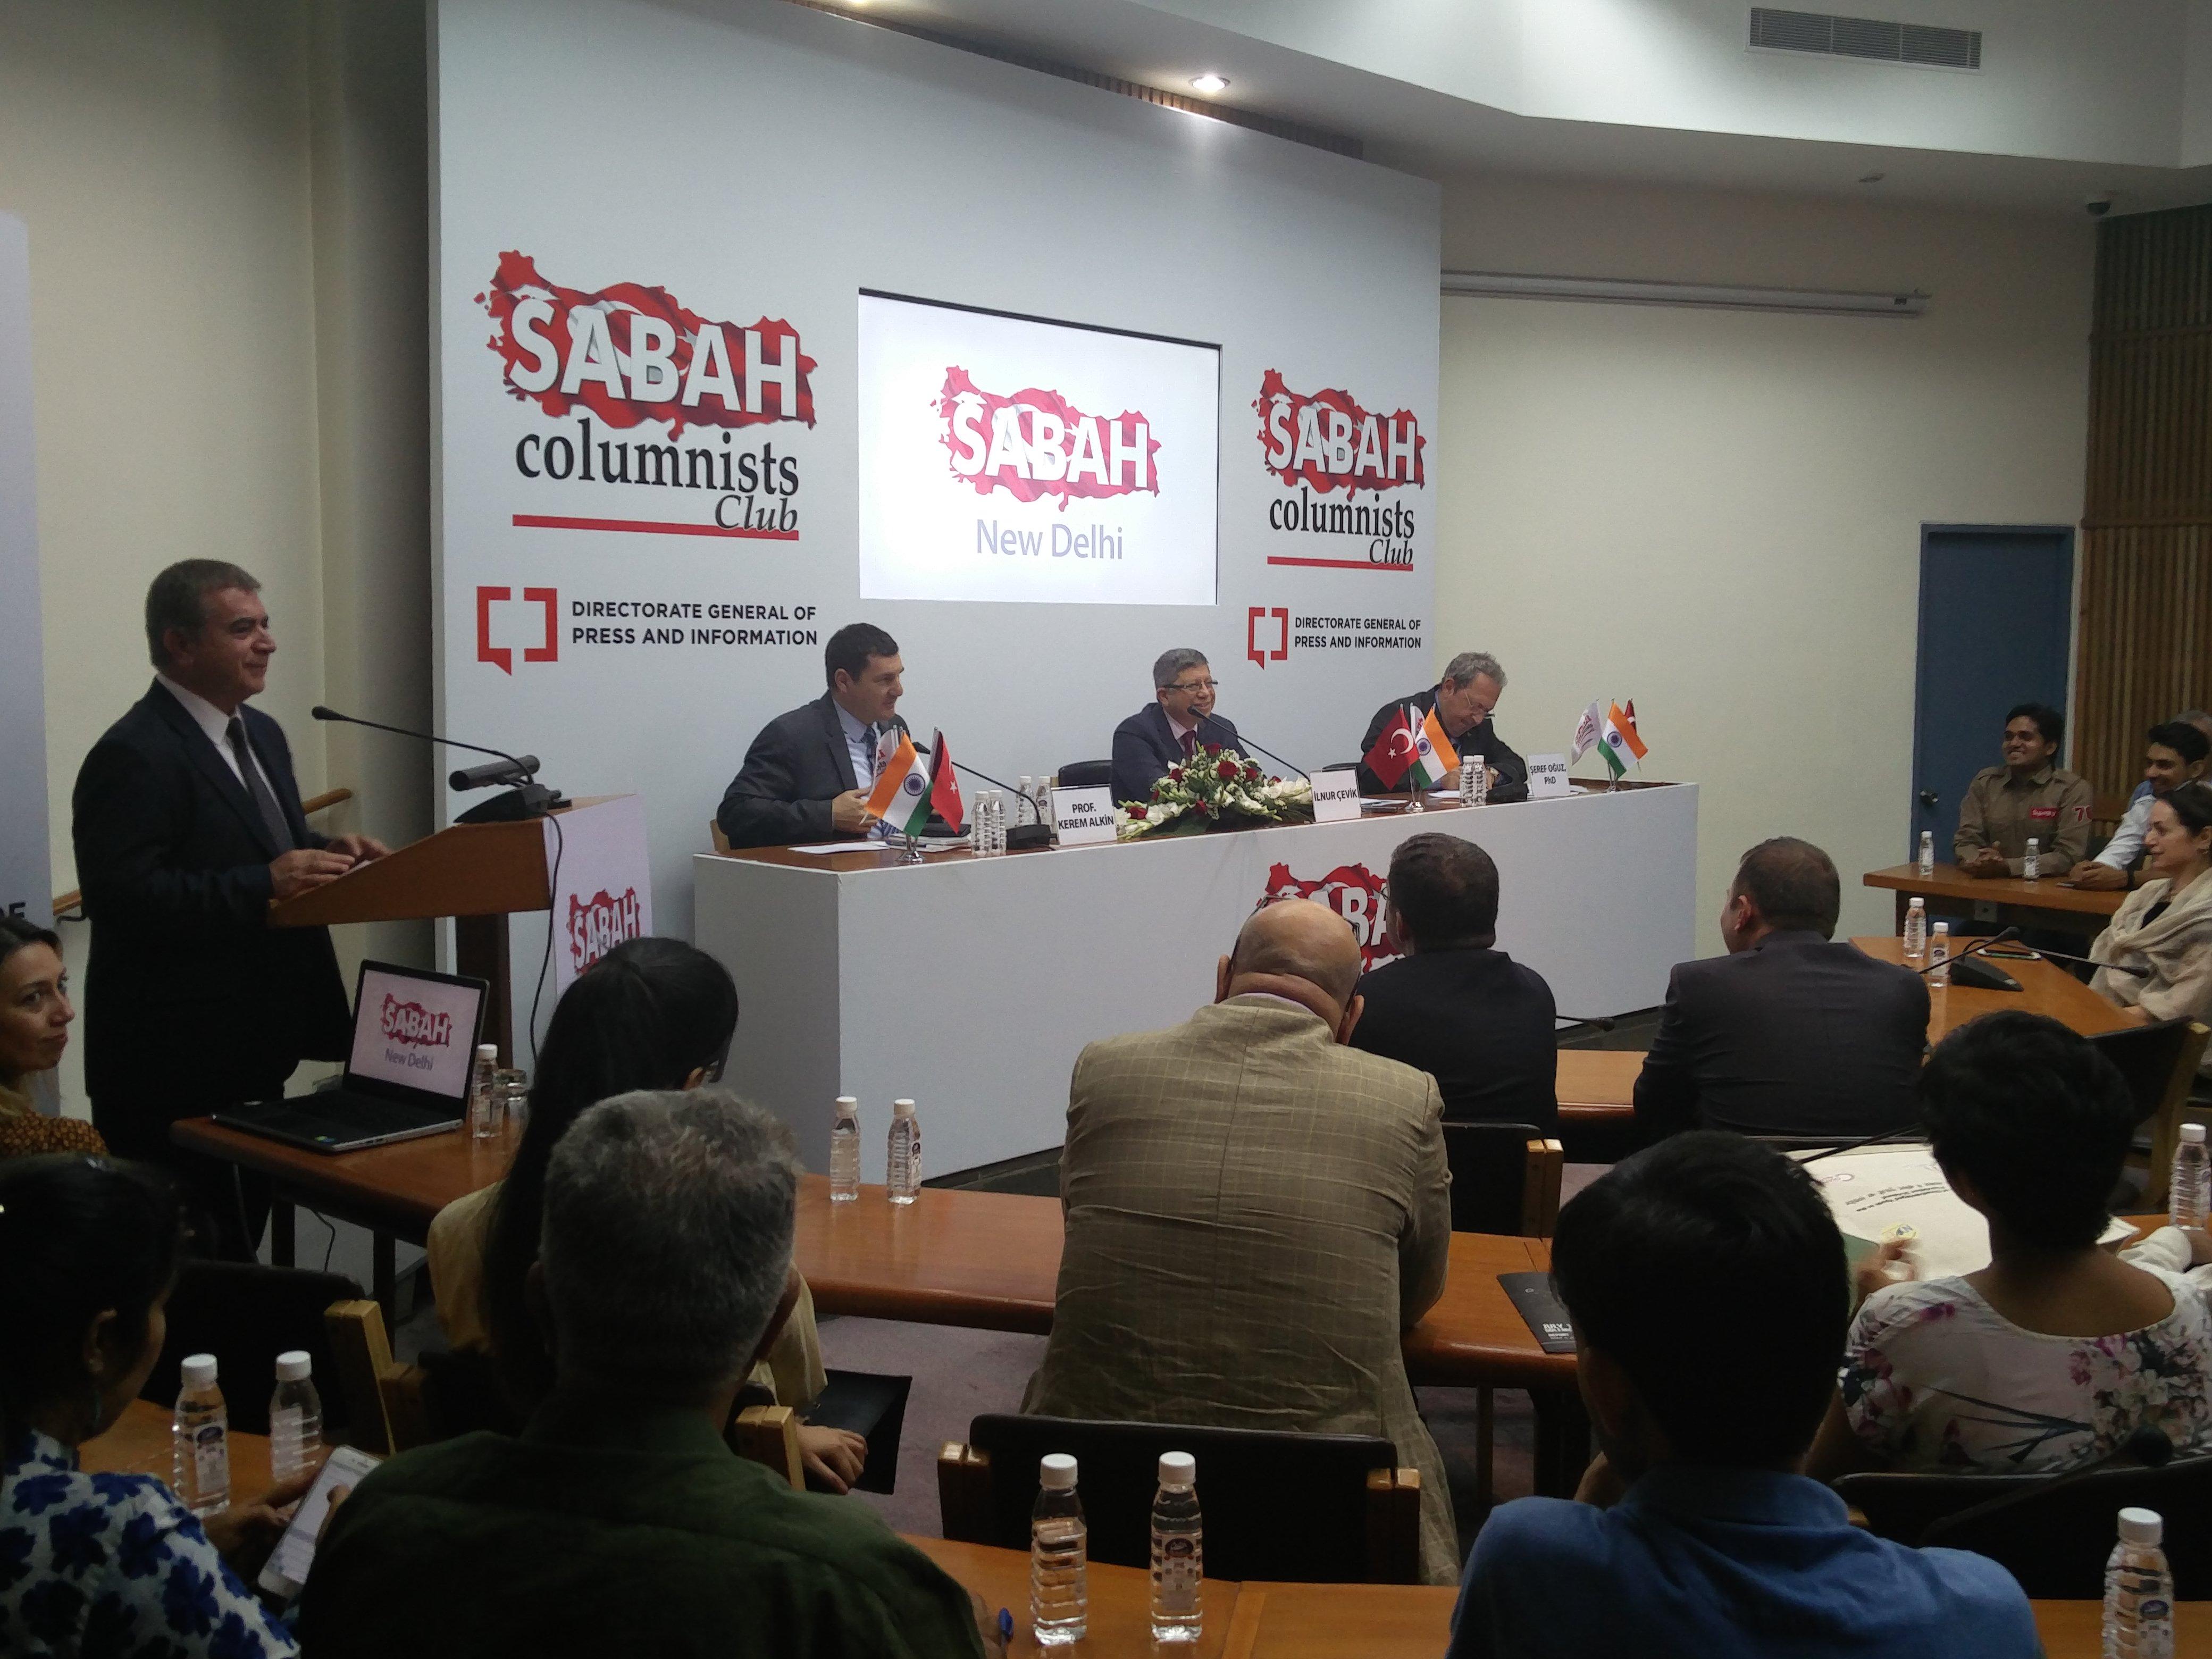 The Sabah talk